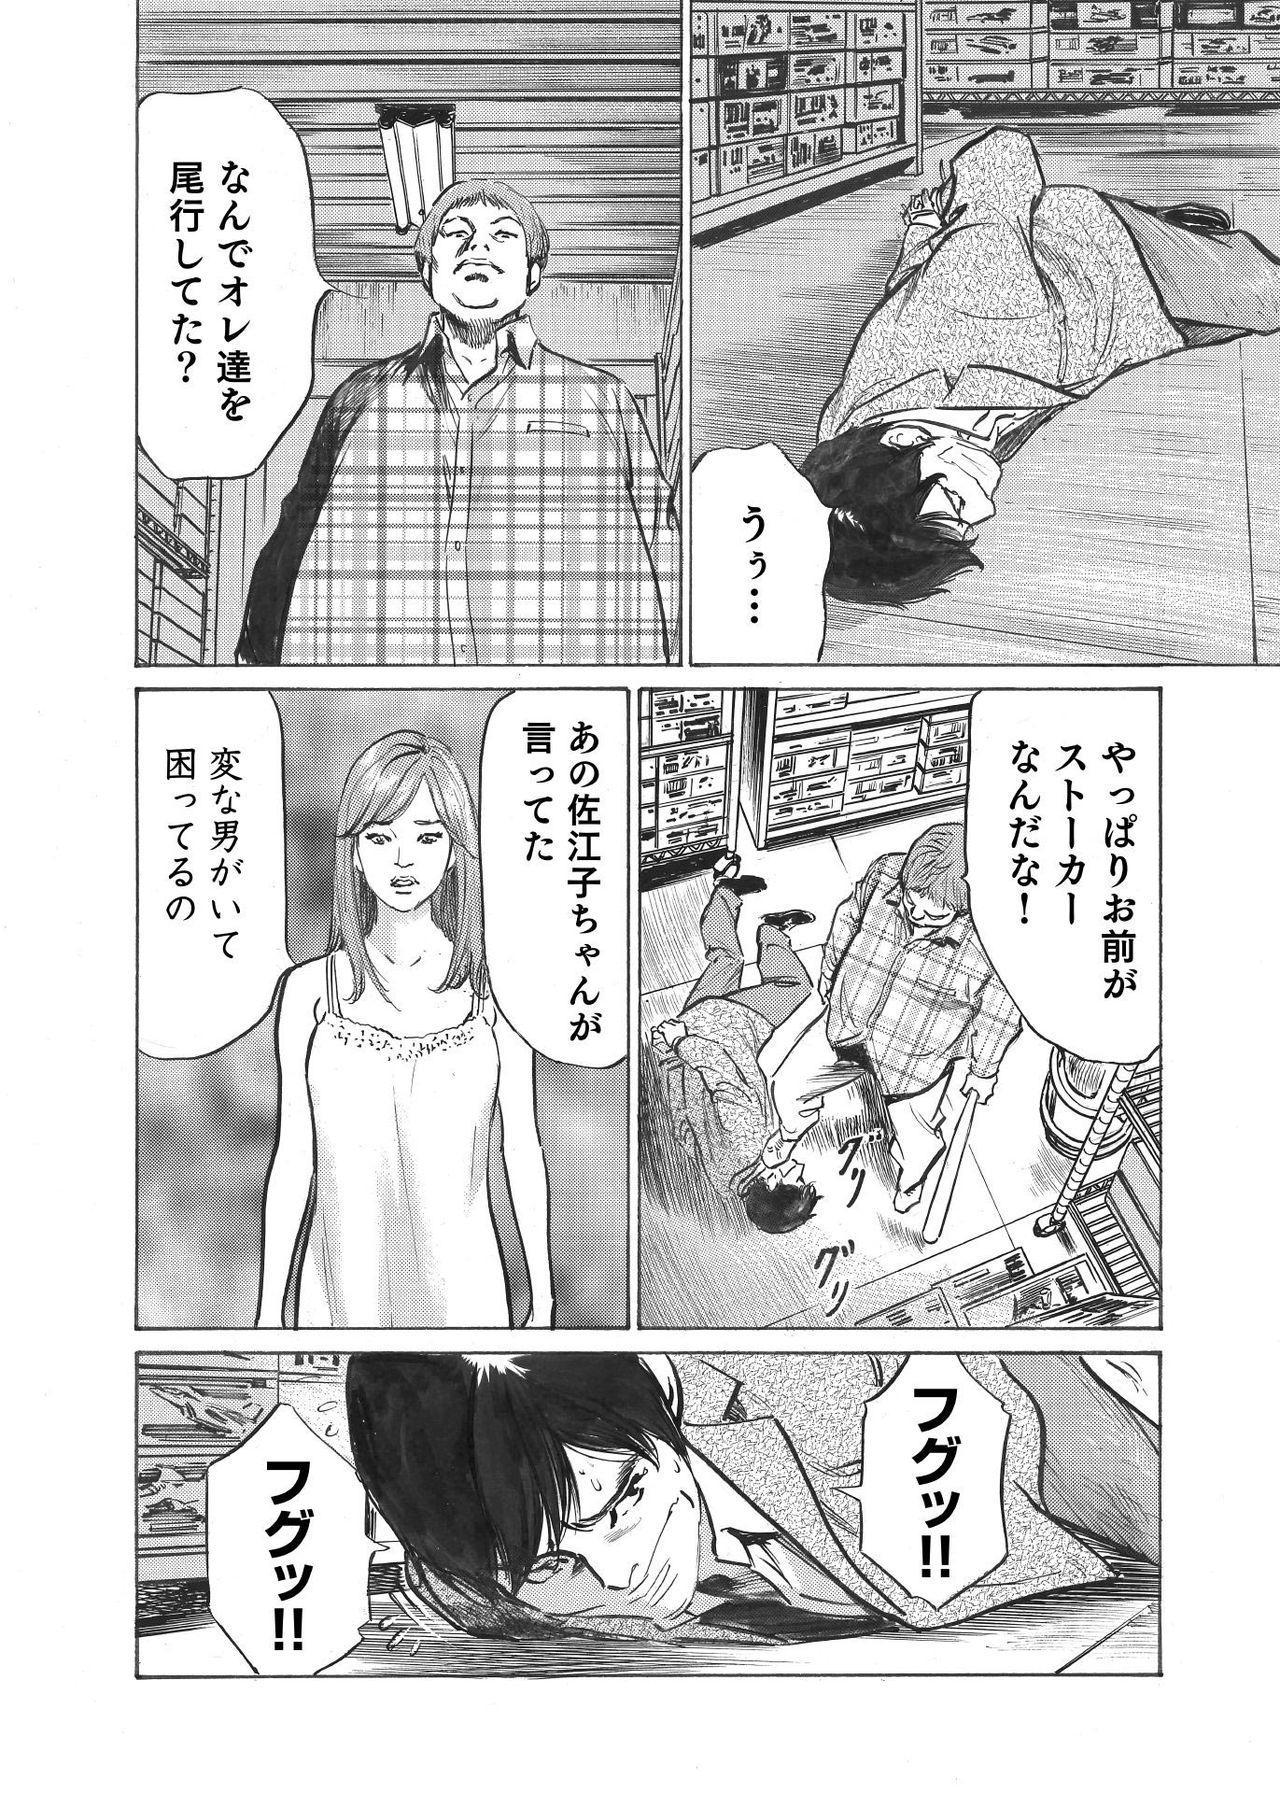 Ore wa Tsuma no Koto o Yoku Shiranai 1-9 46